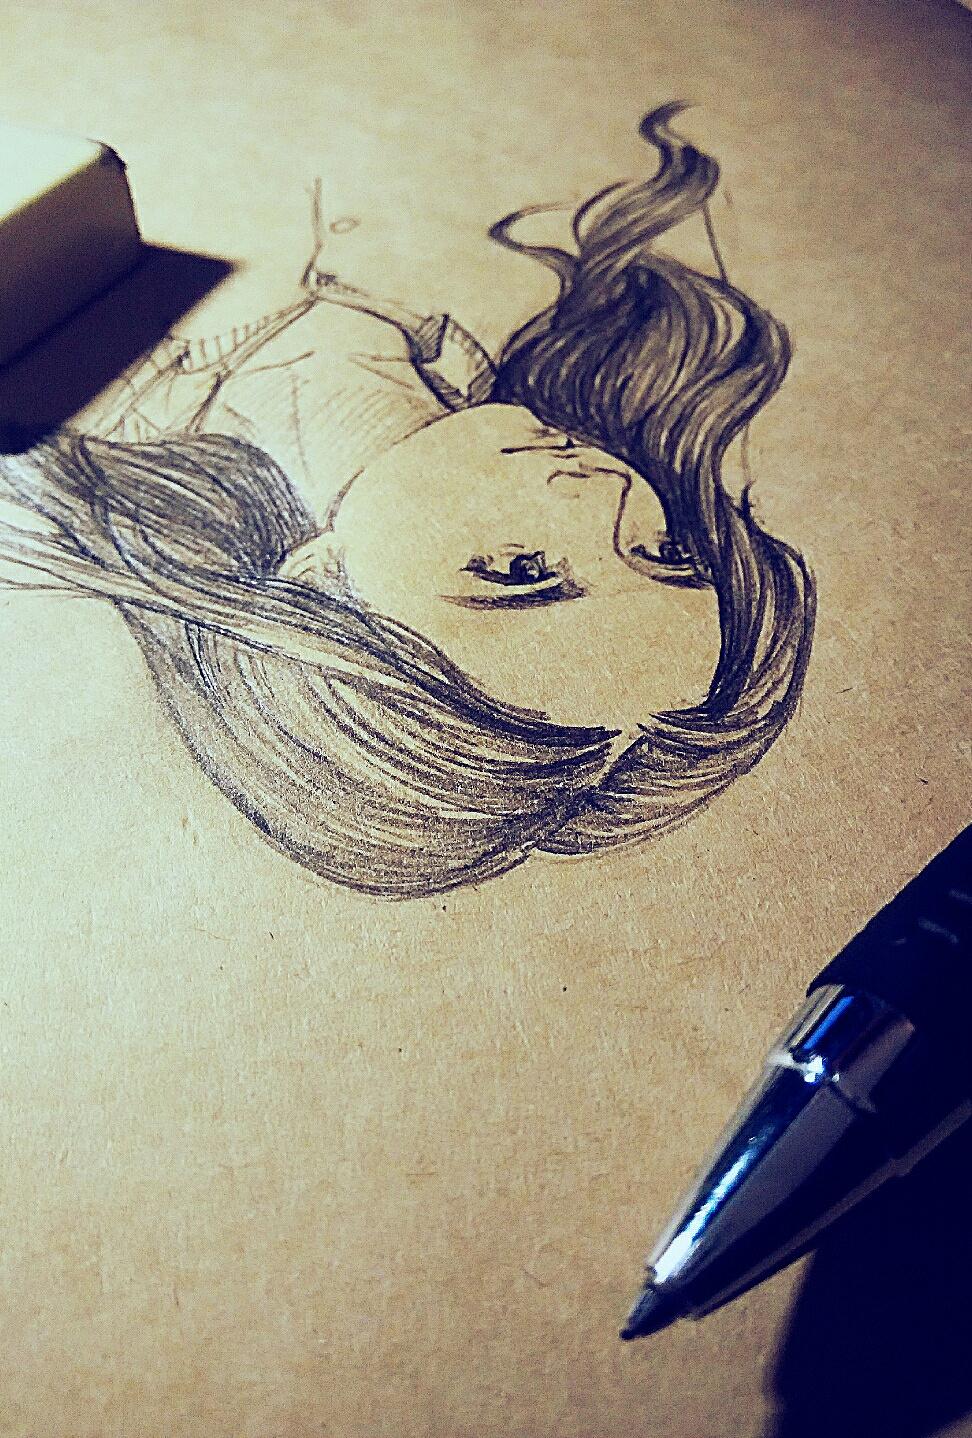 铅笔手绘|插画|商业插画|喝牛奶醉了 - 原创作品